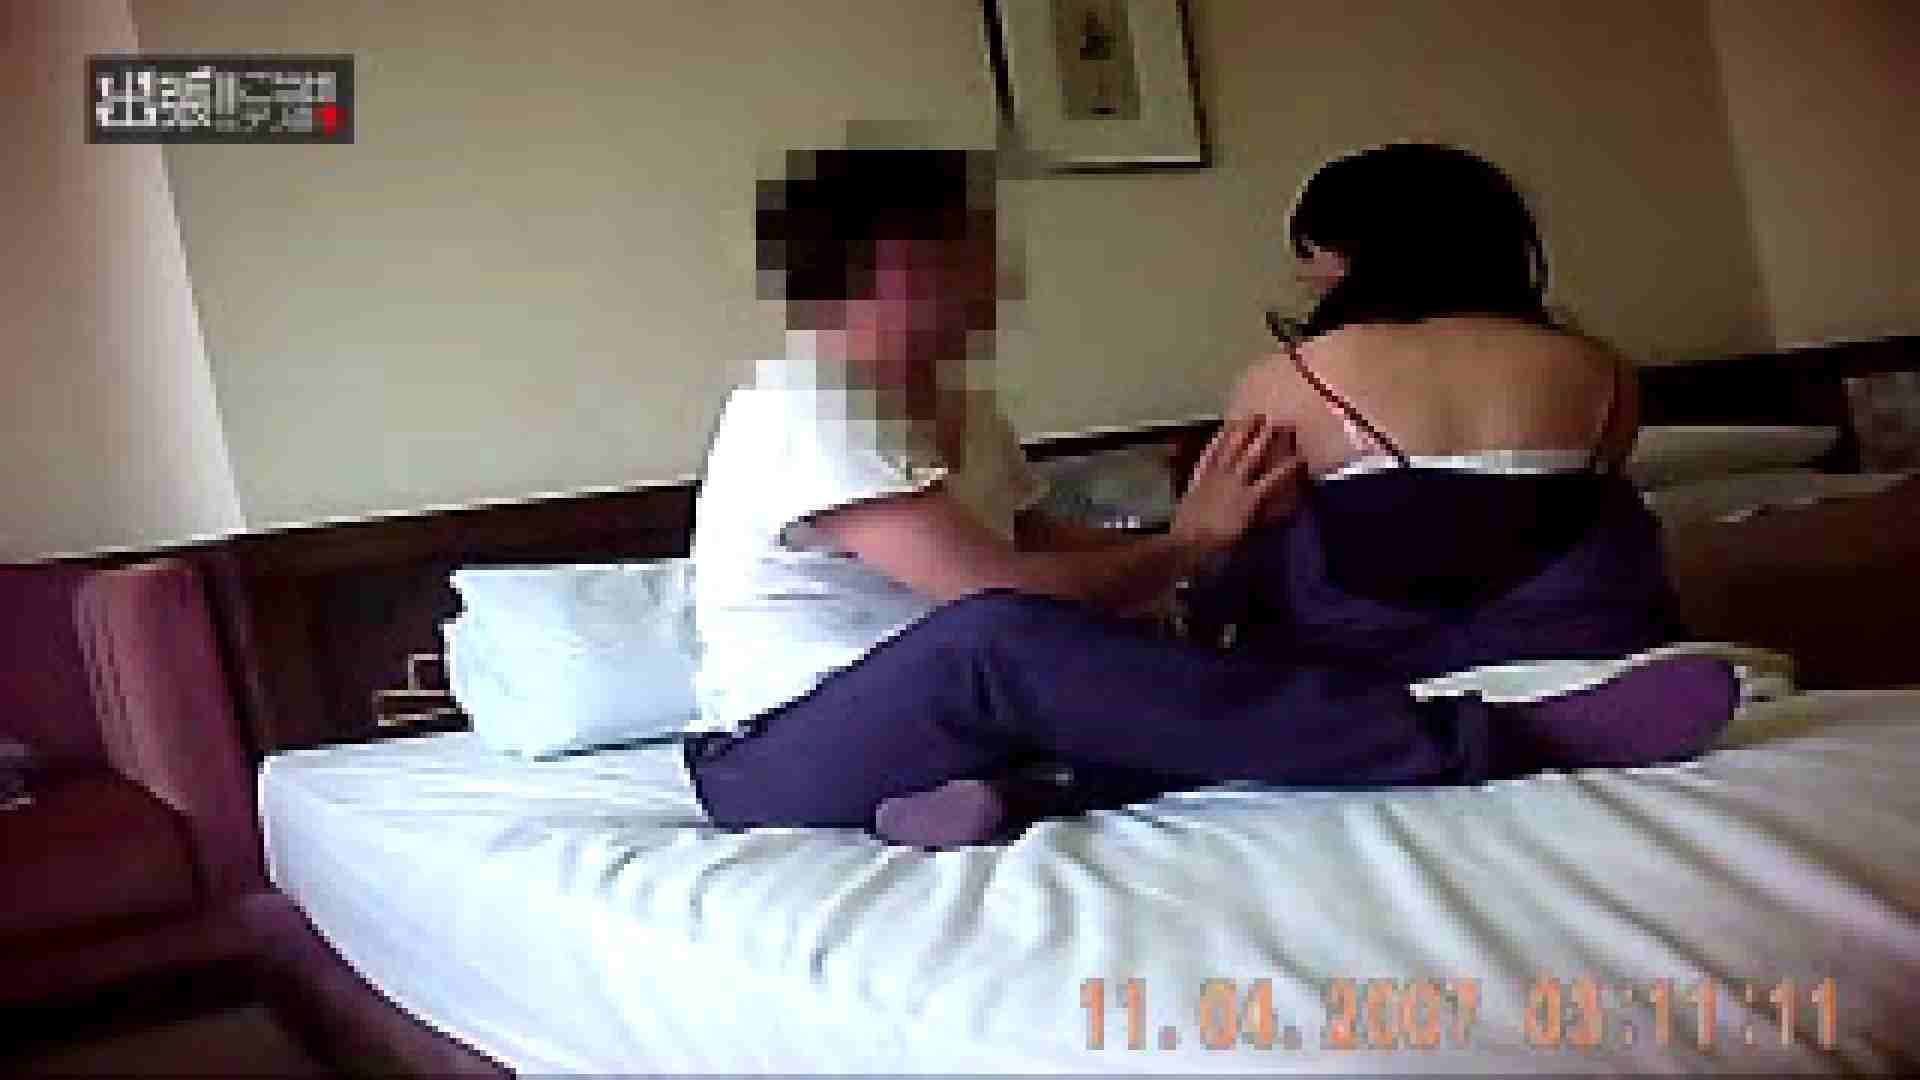 おまんこ丸見え:出張リーマンのデリ嬢隠し撮り第2弾:大奥